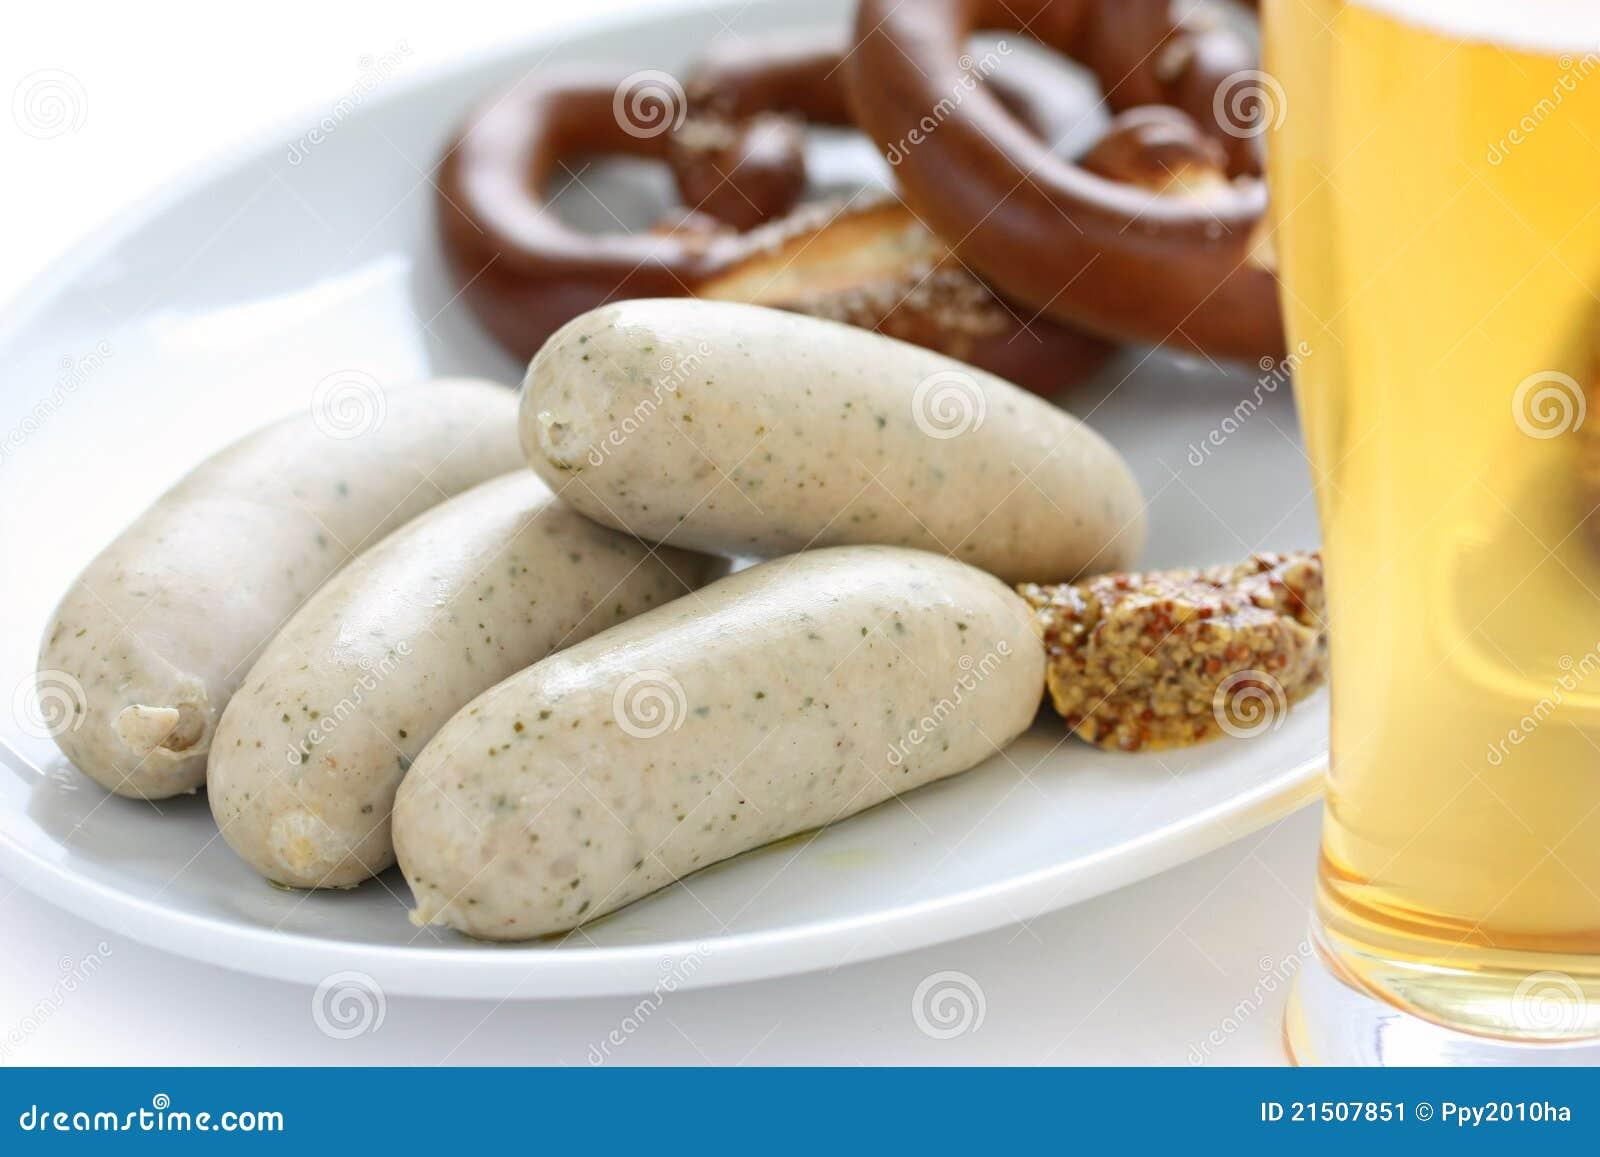 Weisswurst, Brezel und Bier